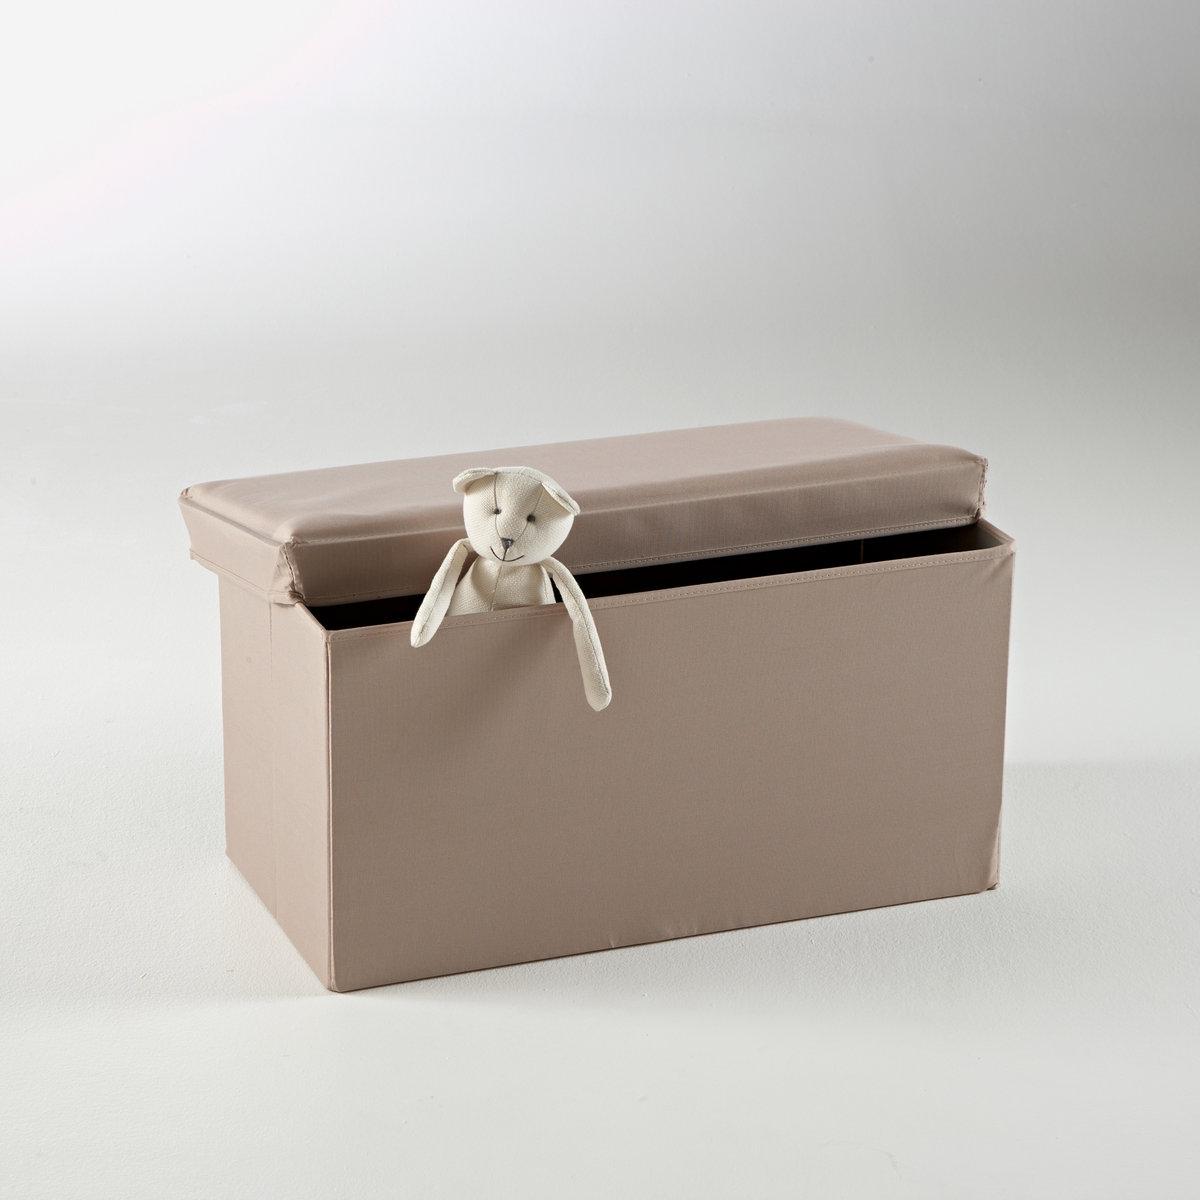 Пуф для хранения складнойПуф для хранения складной Toudou. Пуф для хранения великолепно экономит пространство.Описание складного пуфа для хранения Toudou :Коробка из МДФ, обтянутая тканью, легкий наполнитель из полиэстера.5 цветов на выбор: серый, серо-коричневый, красный, зеленый и виолетовый.Пуф для хранения Toudou готов к сборке.Ищите полную коллекцию Toudou на laredoute.ru.Размеры пуфа для хранения Toudou :Длина: 72 см. Высота: 40 см. Ширина: 37 см.Внутри: Длина 67,5 x Высота 35 x Ширина 32 см.<br><br>Цвет: серо-коричневый,серый мышиный<br>Размер: единый размер